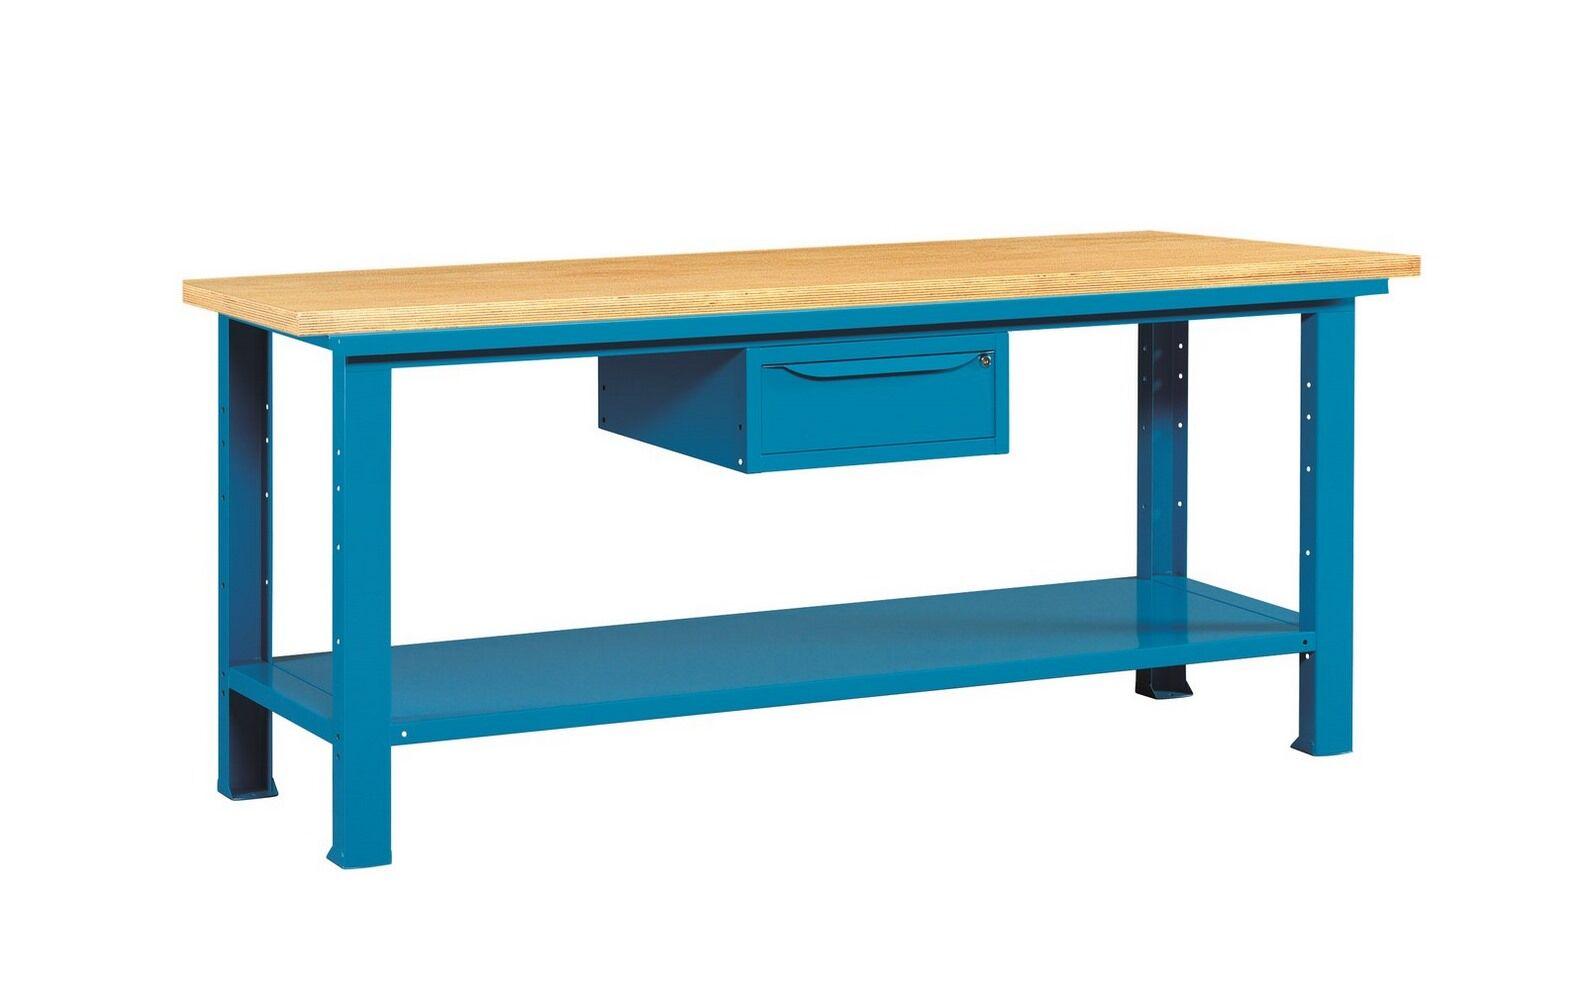 SETAM Etabli acier avec plateau bois et tiroir 2 mètres